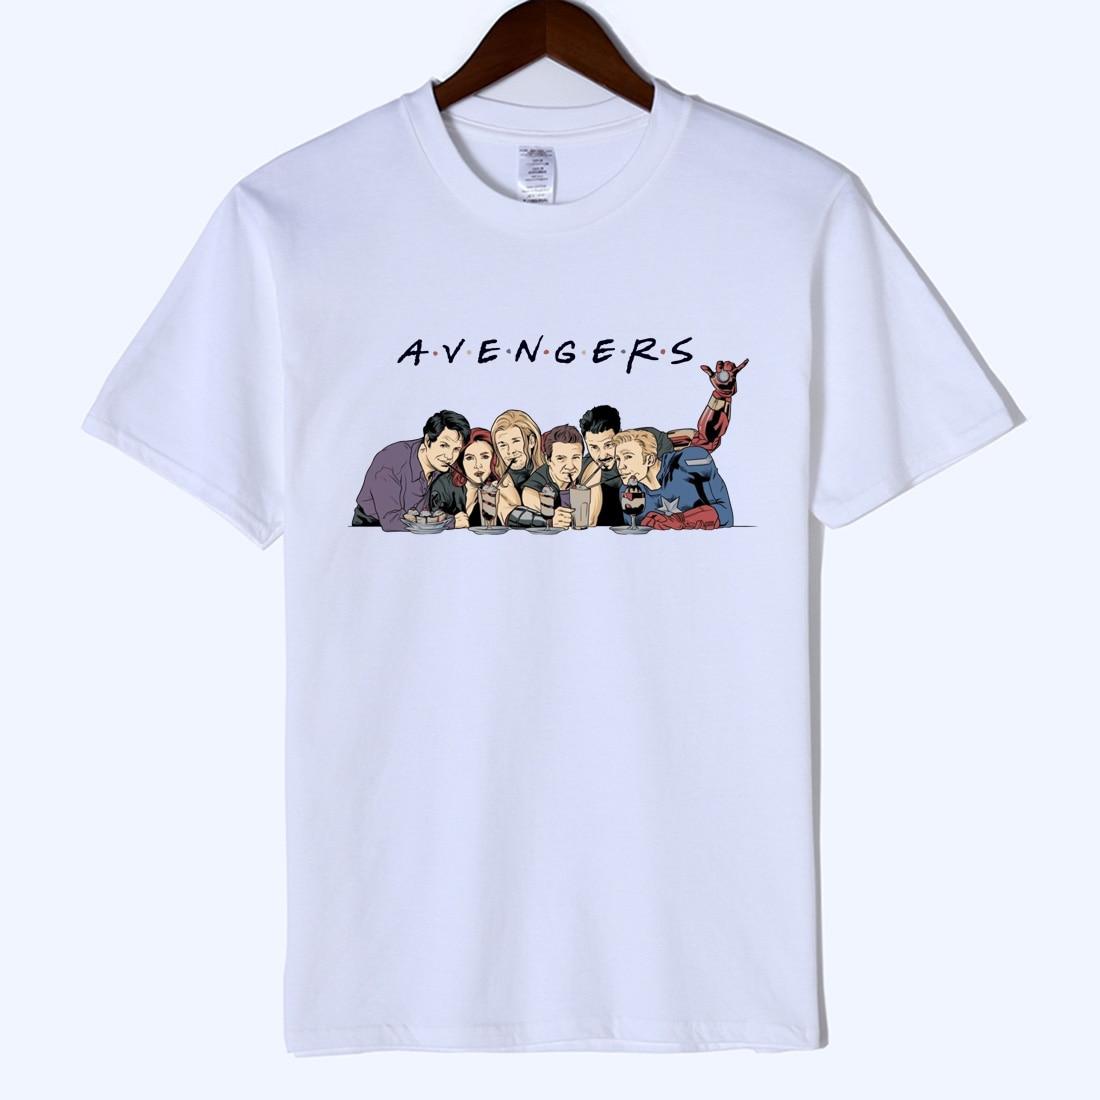 2019 Avengers Endgame Friends T Shirt Men Marvel Avengers Summer Men T Shirt Short Sleeve Brand Tee Shirt Tops amp Tees streetwear in T Shirts from Men 39 s Clothing